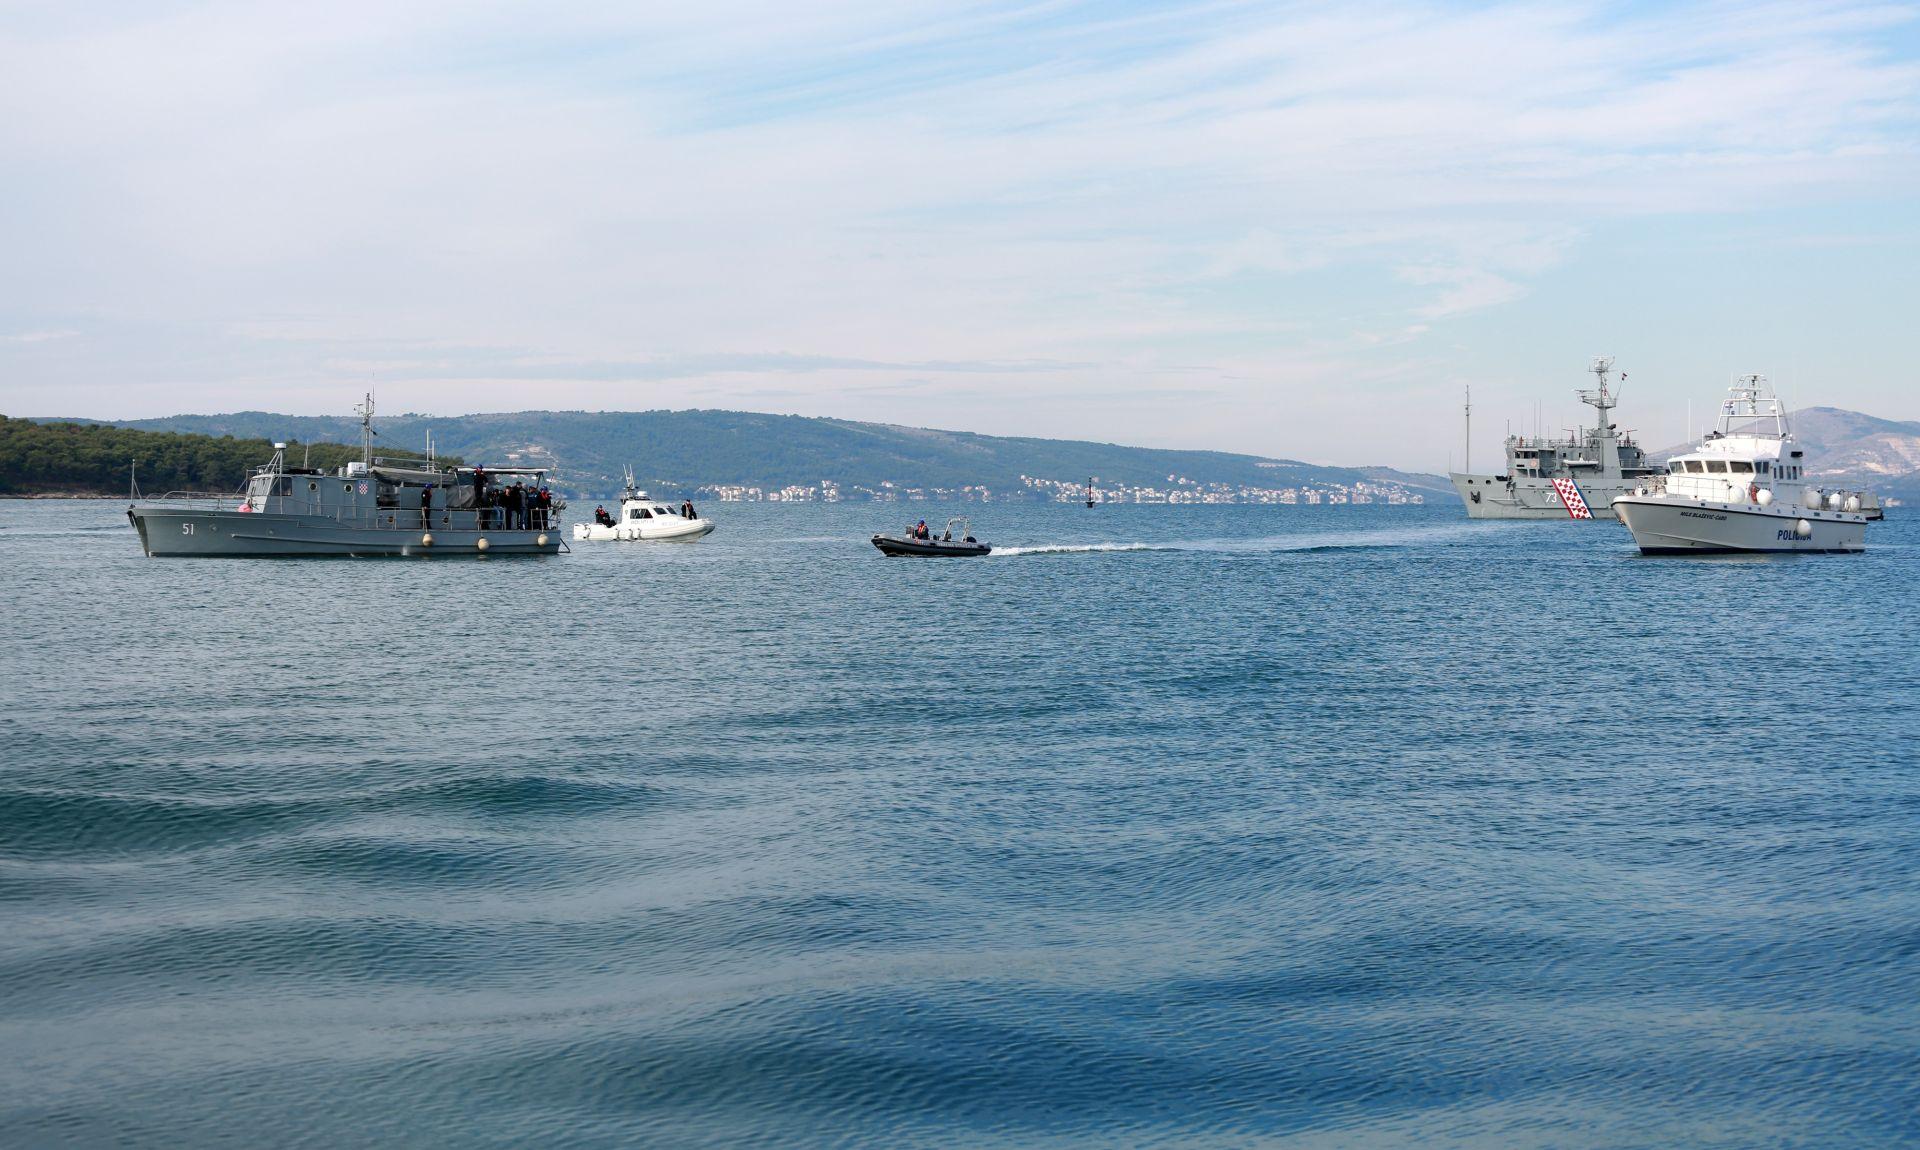 Talijanski ribari bježali hrvatskoj policiji kod Palagruže